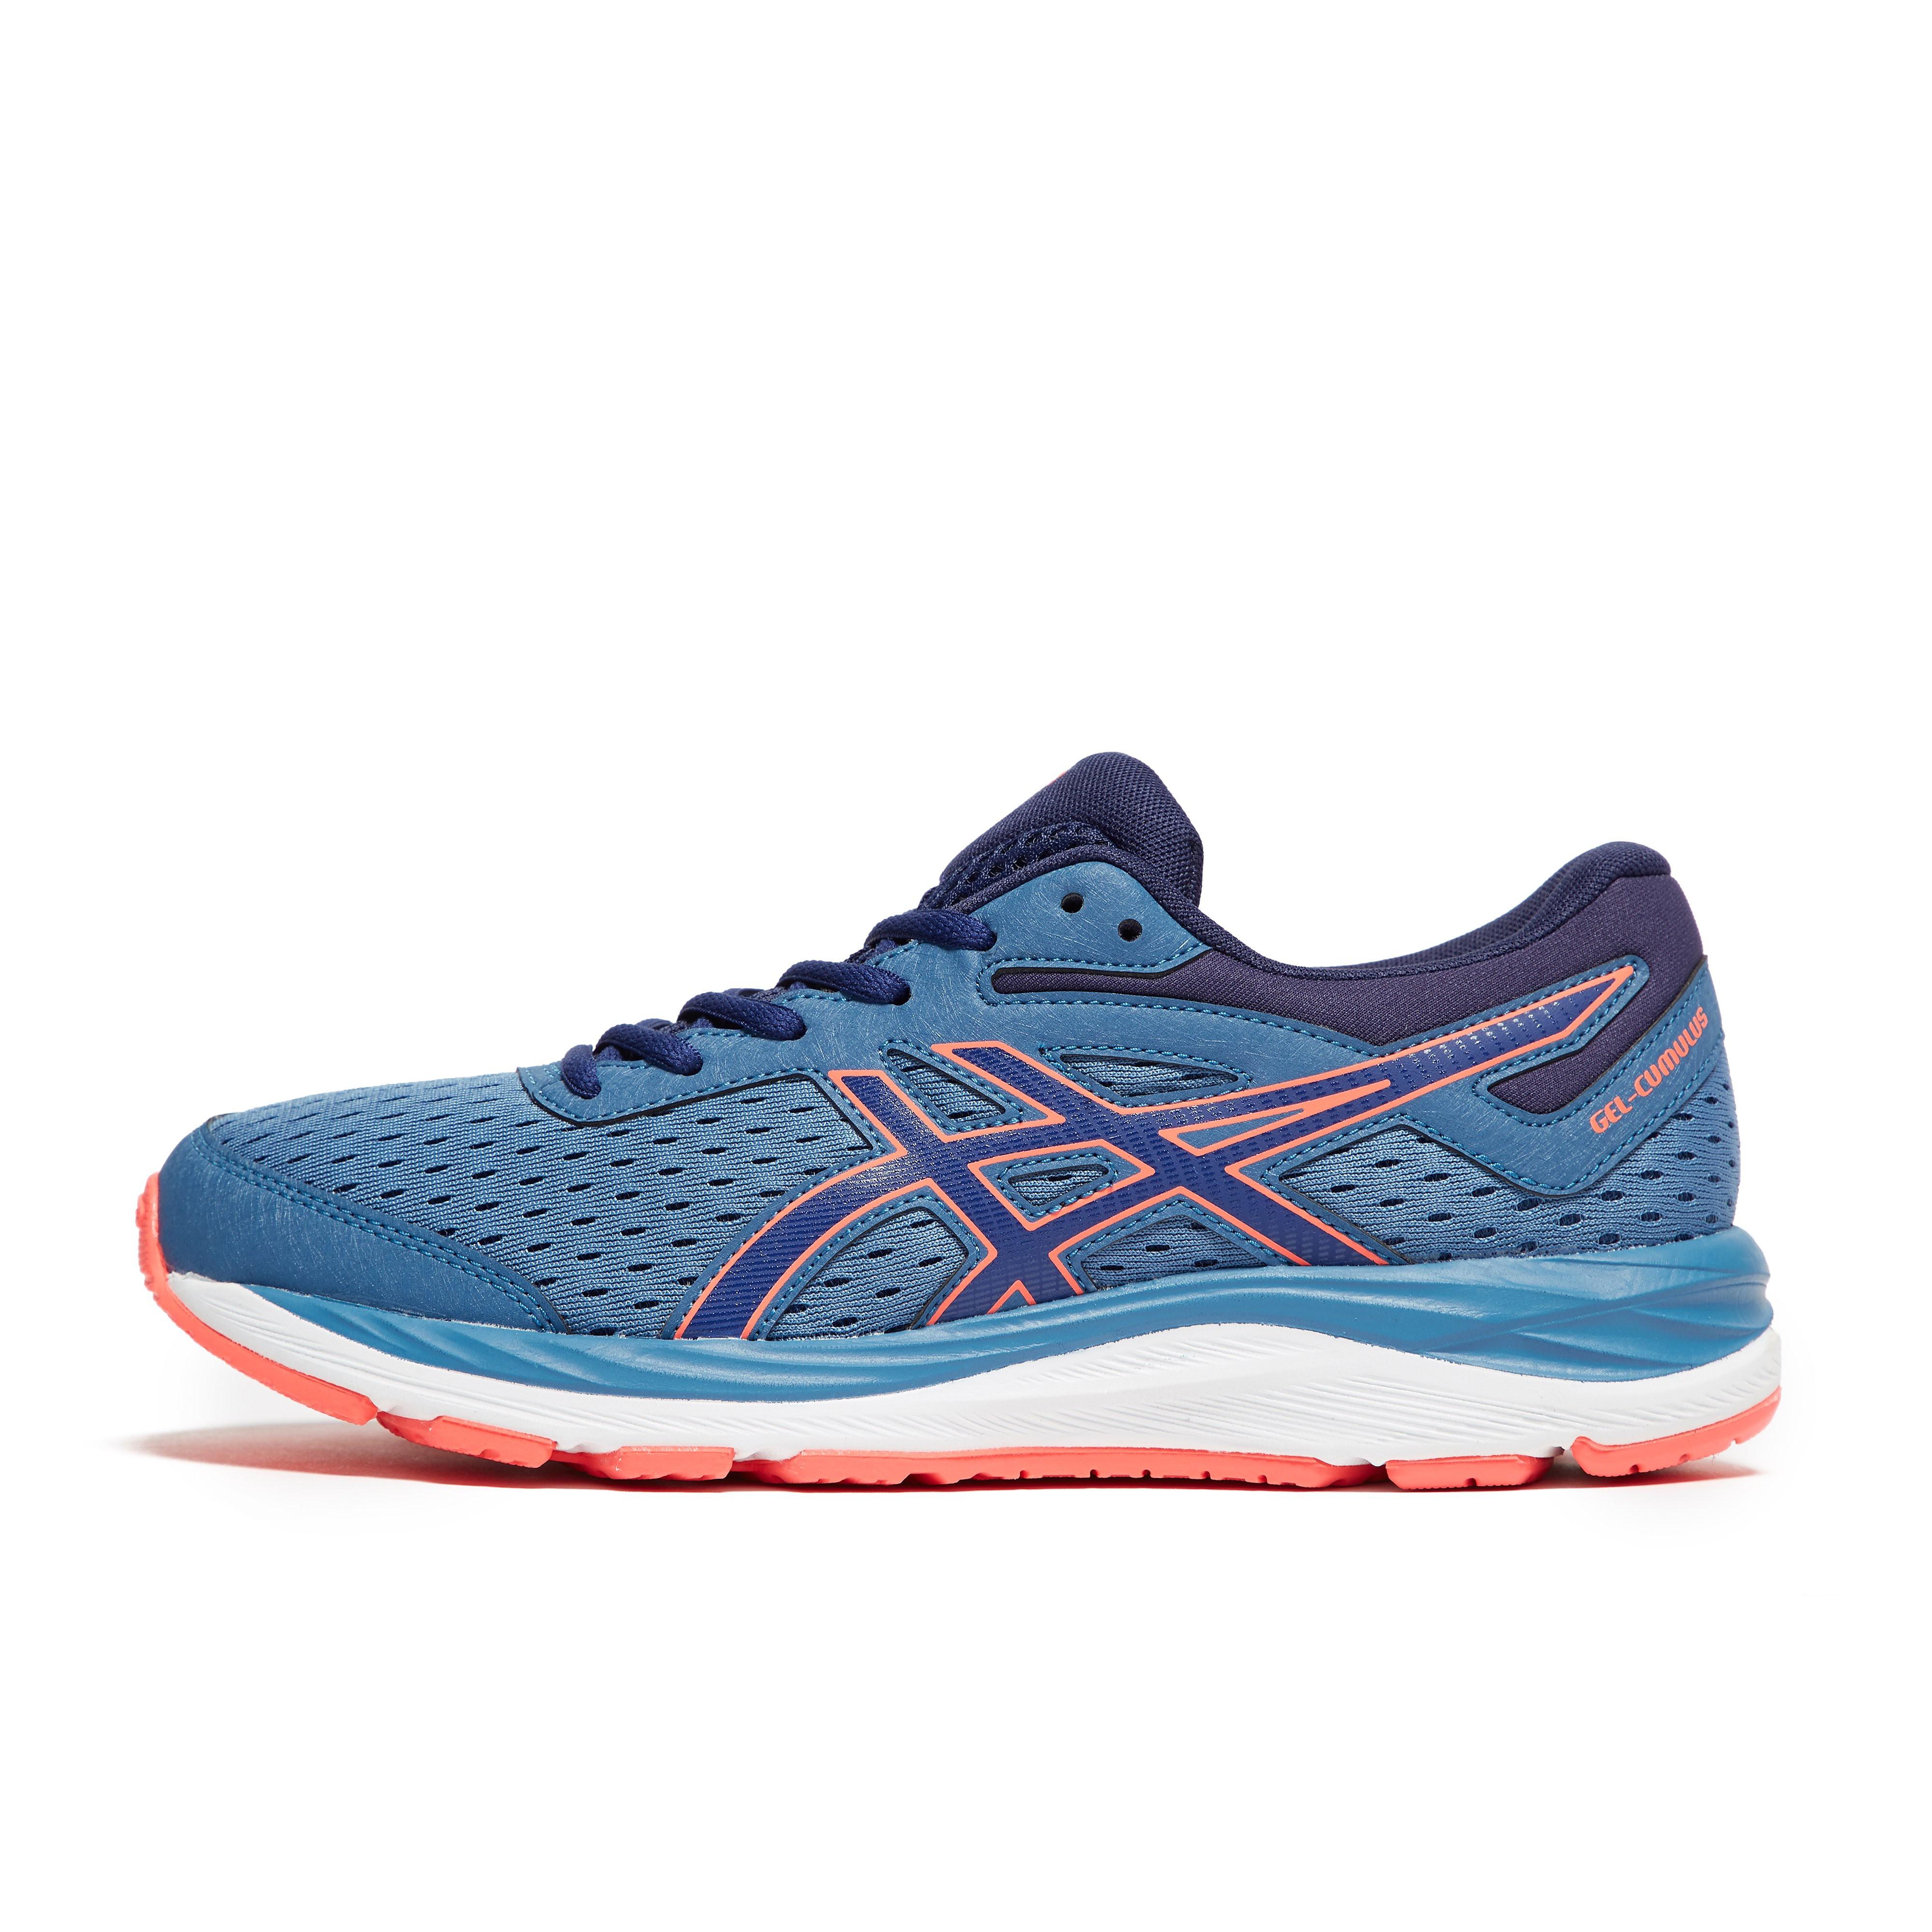 BL Asics Gel-Cumulus 20 GS Junior Running Shoes, BL